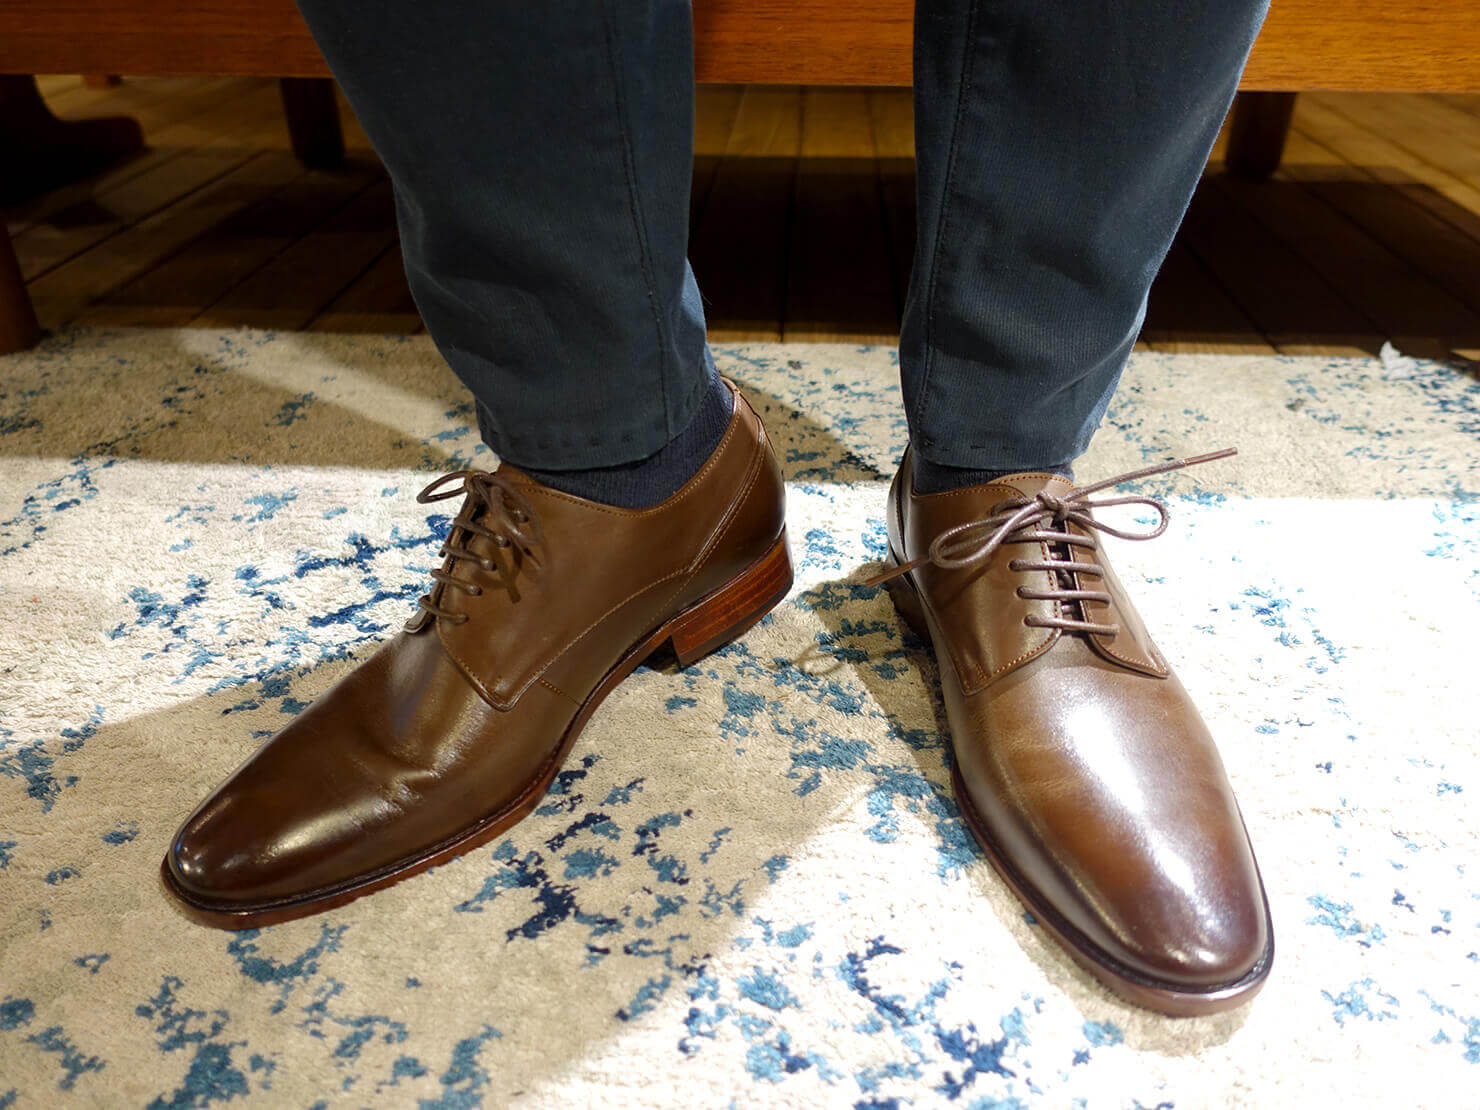 台湾のおすすめ革靴ブランド「林果良品 ORINGO」の鑲邊飾線德比鞋(ダービー・シューズ)